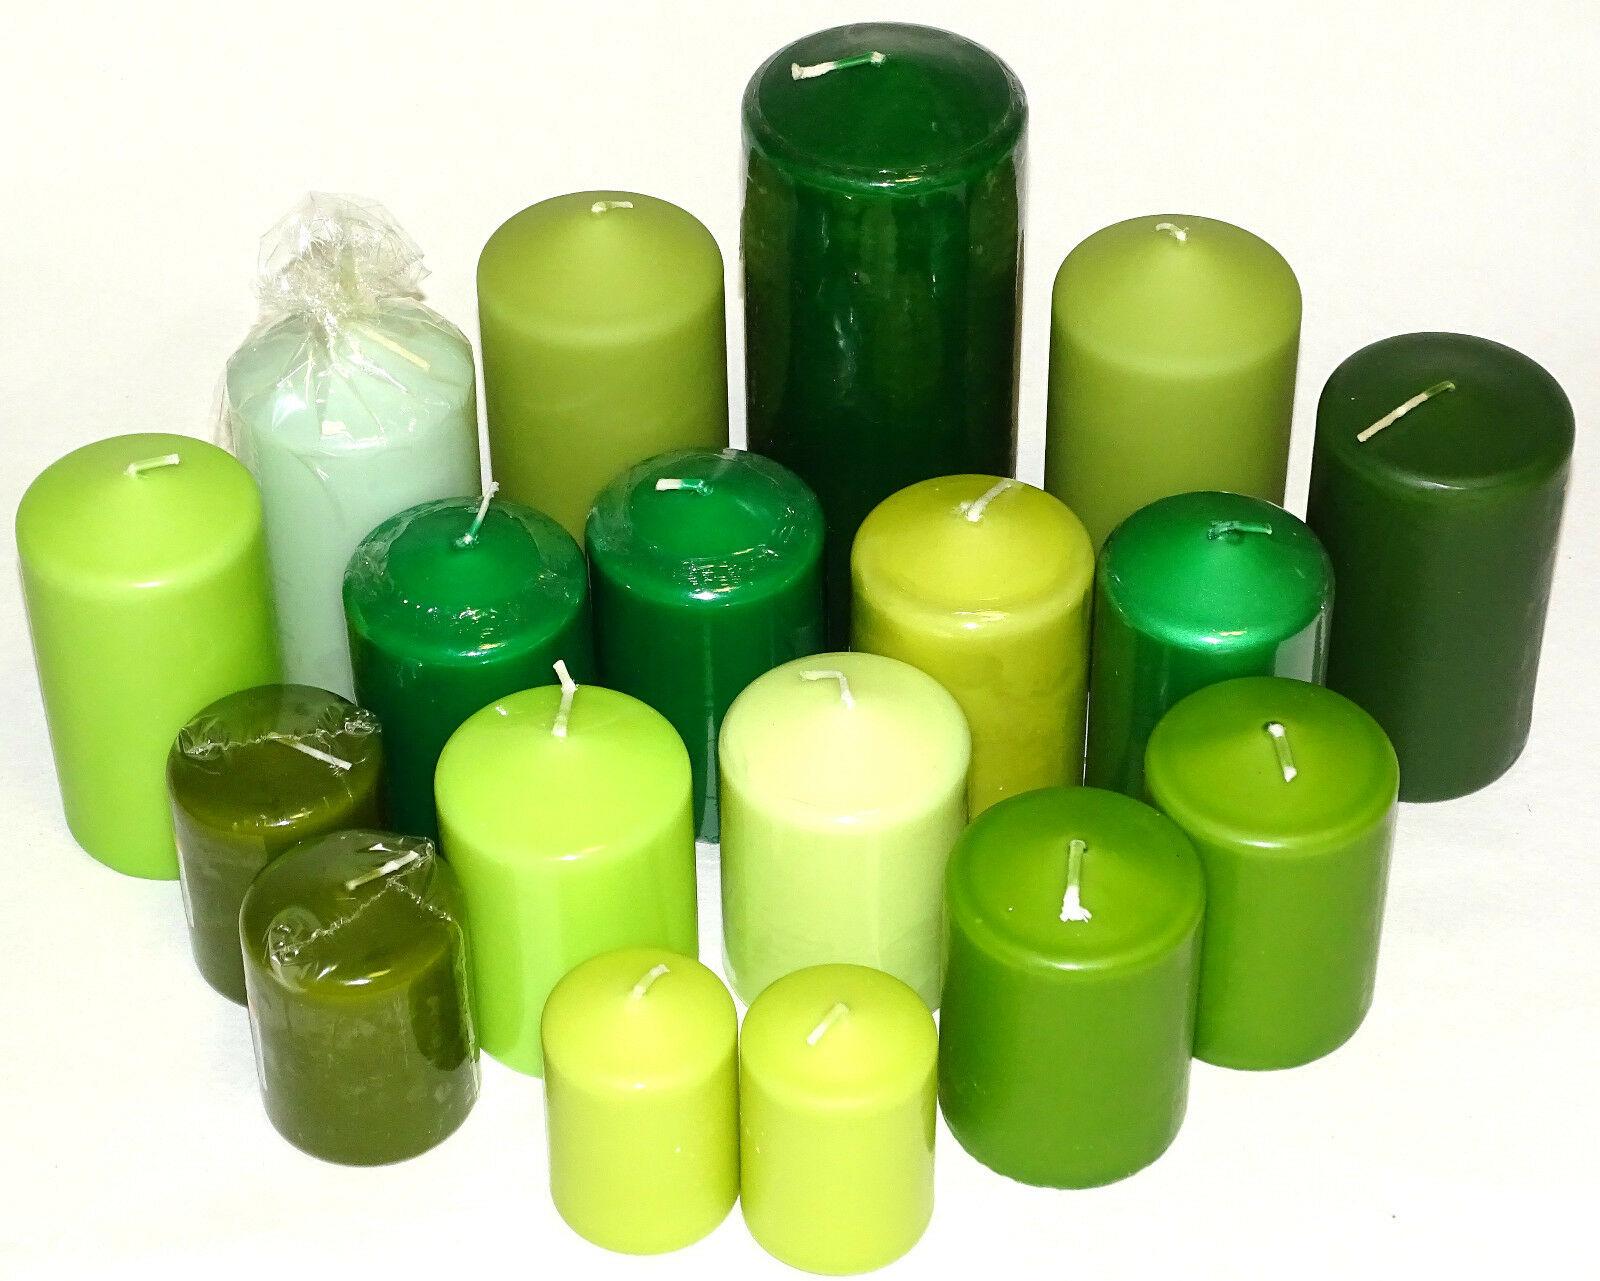 5 kg Qualität Stumpenkerzen Paket Kerzen Set Tischdeko gemischt nach Farben - Grün-Kiwi